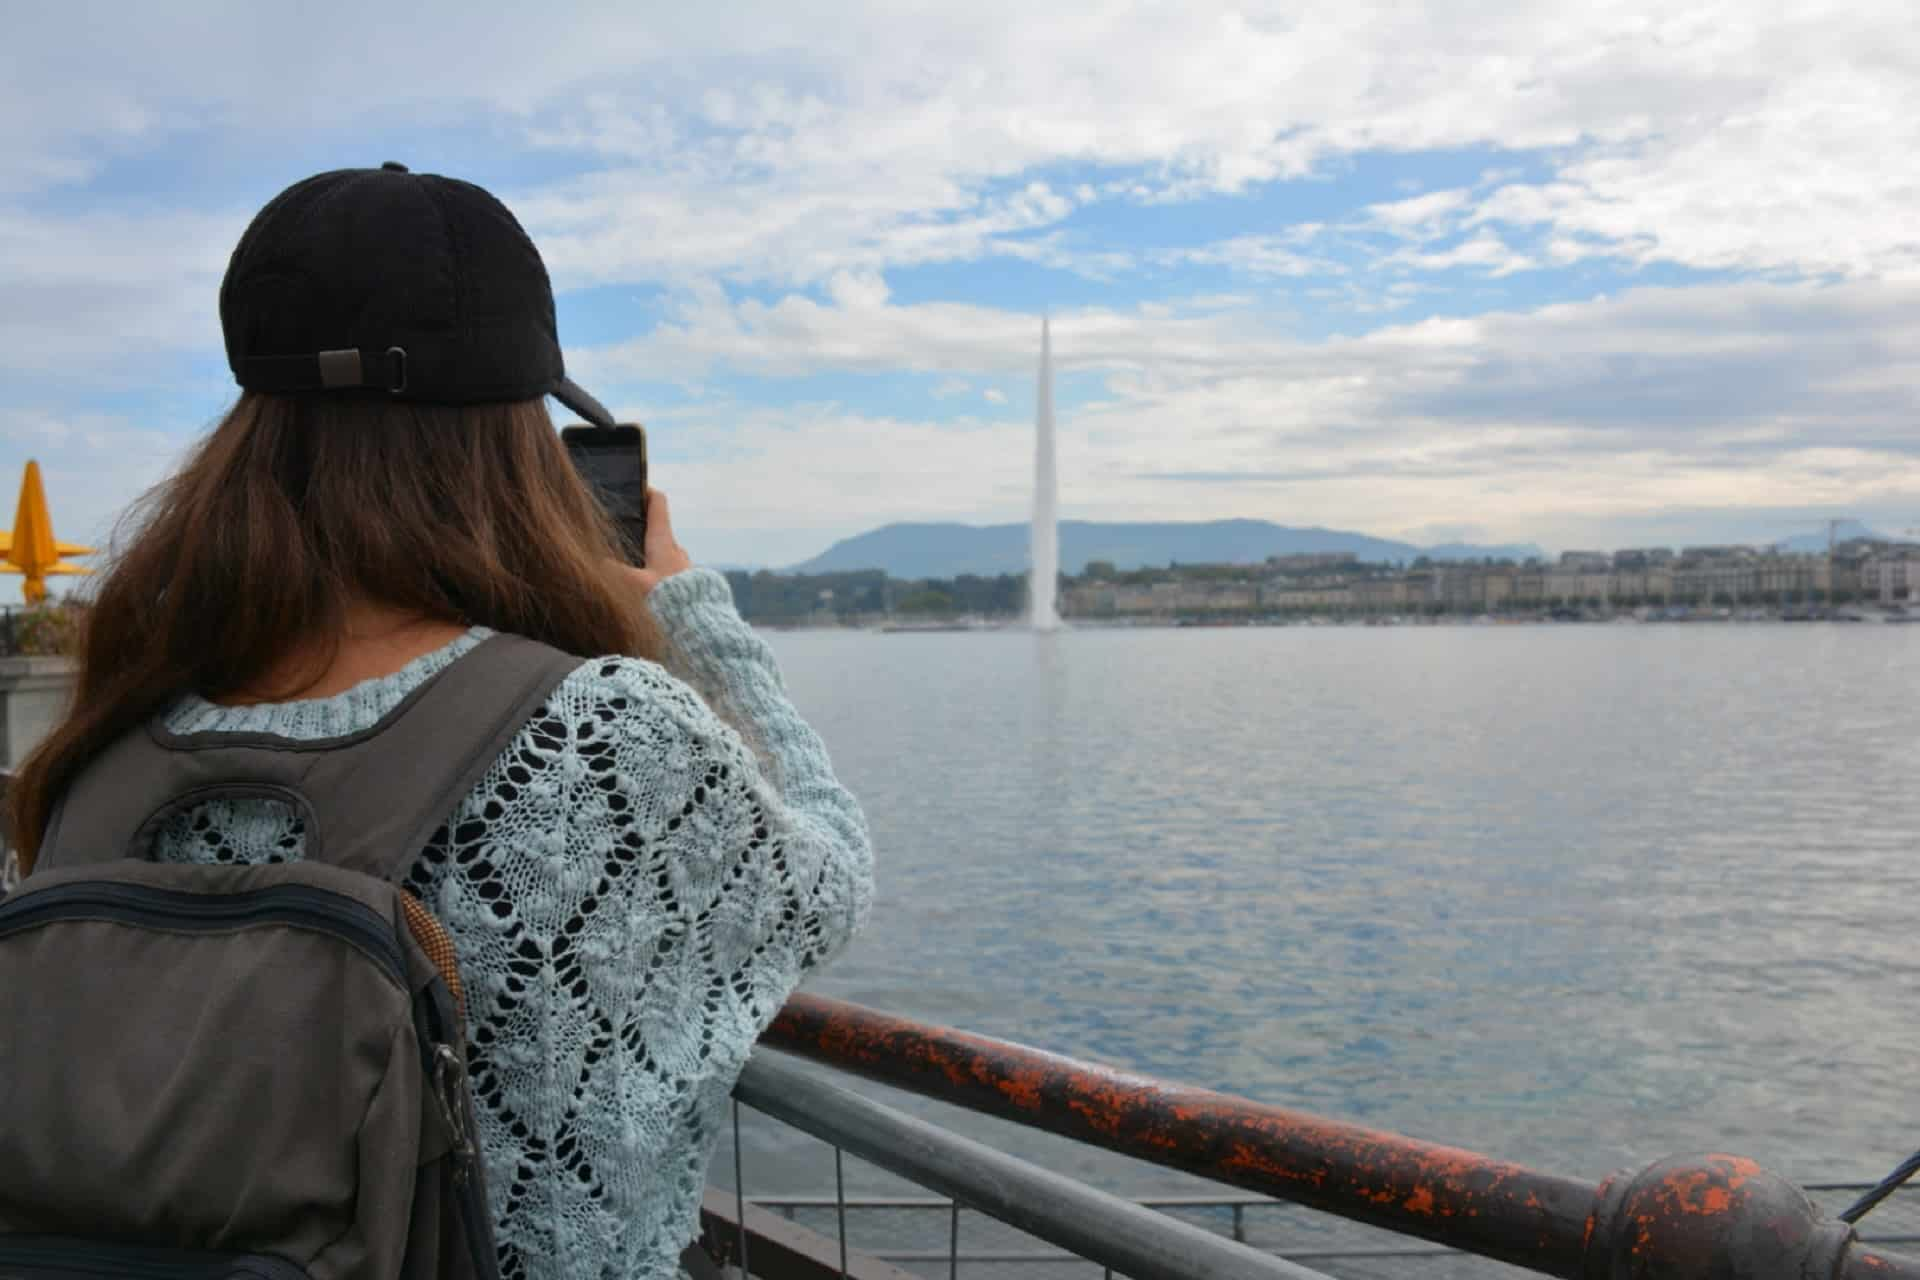 Blanca, del blog Los Traveleros, en Ginebra (Suiza)